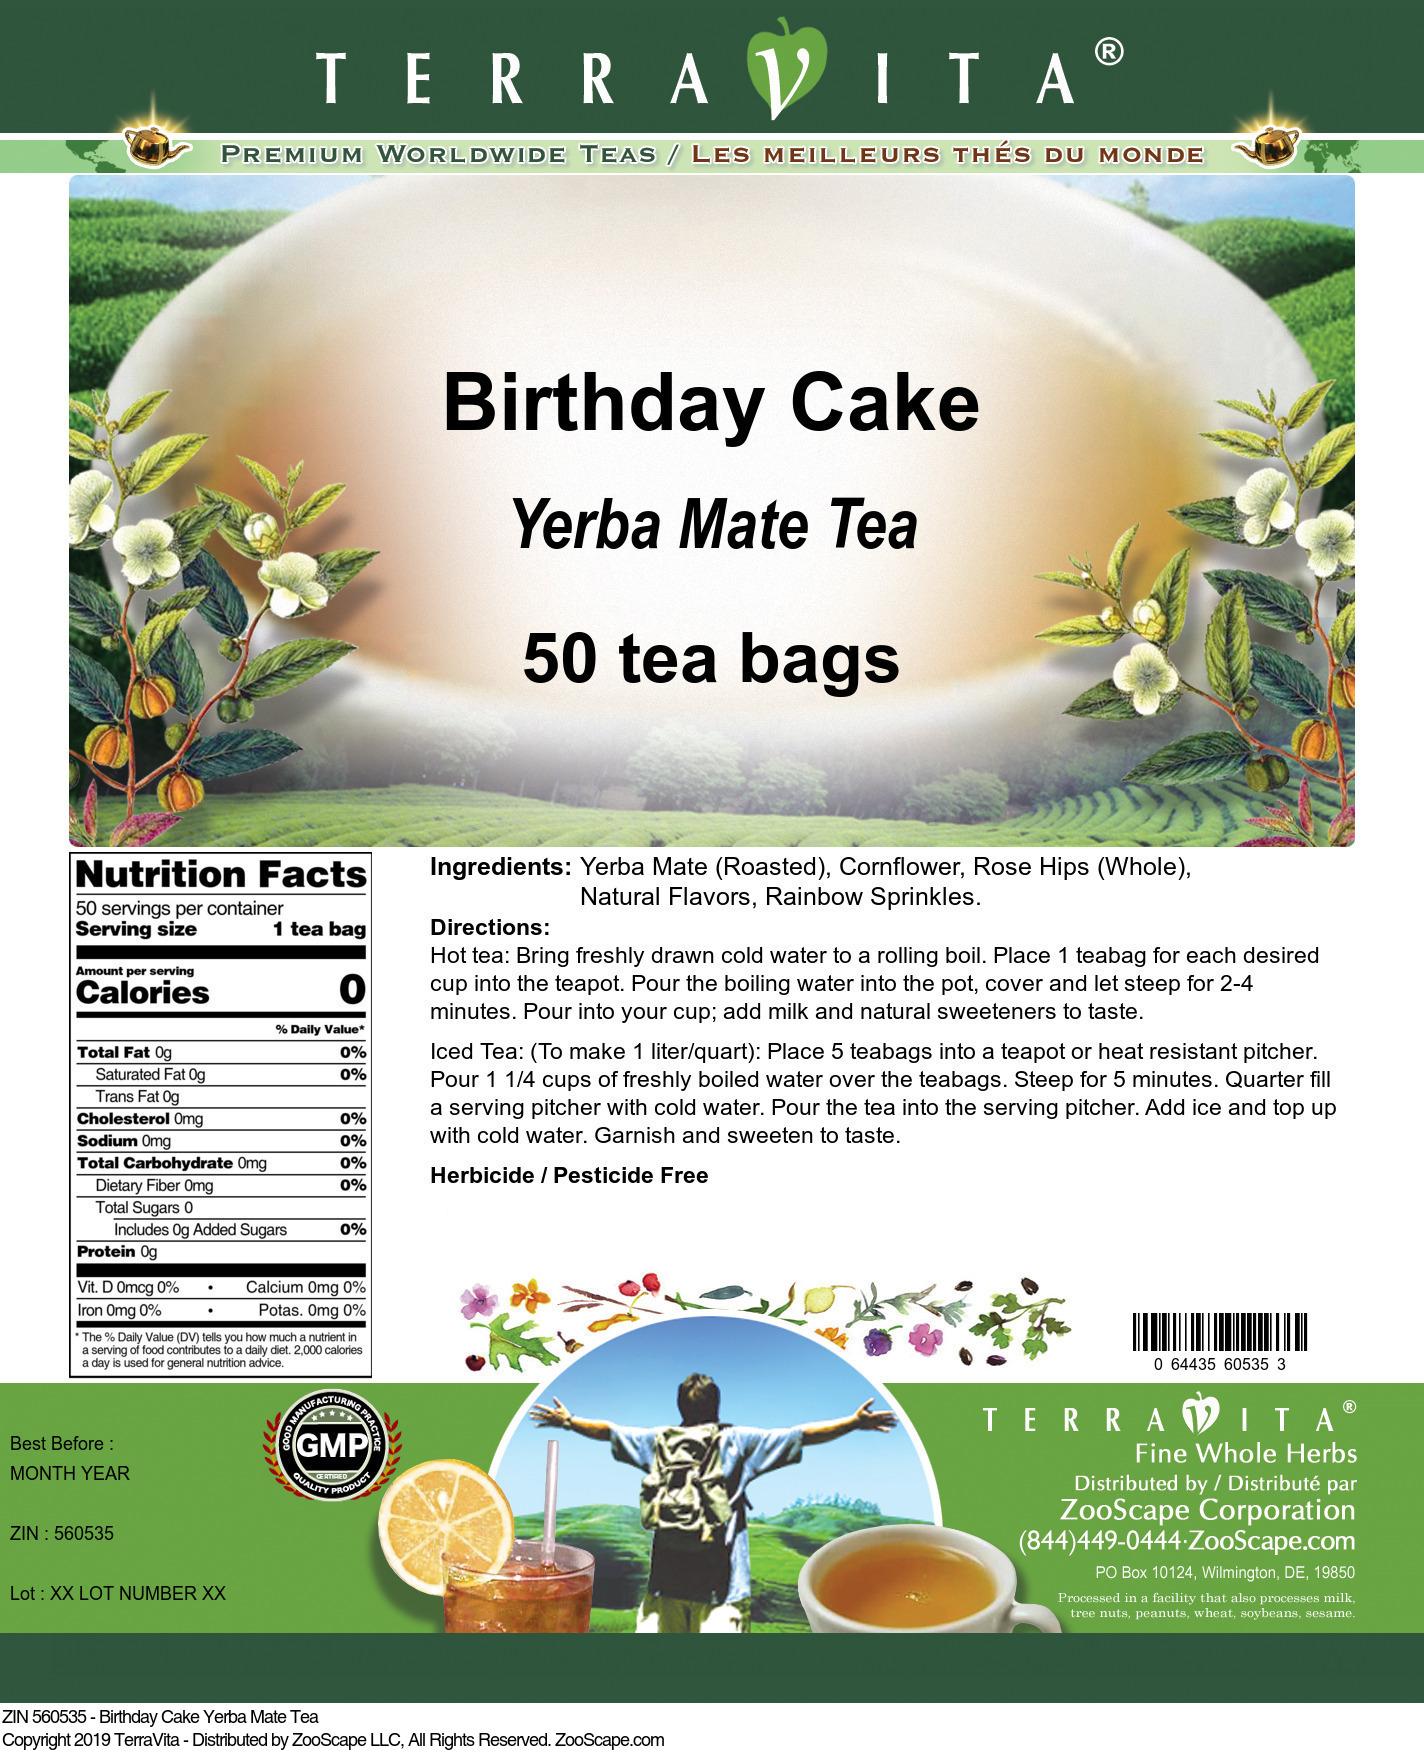 Birthday Cake Yerba Mate Tea